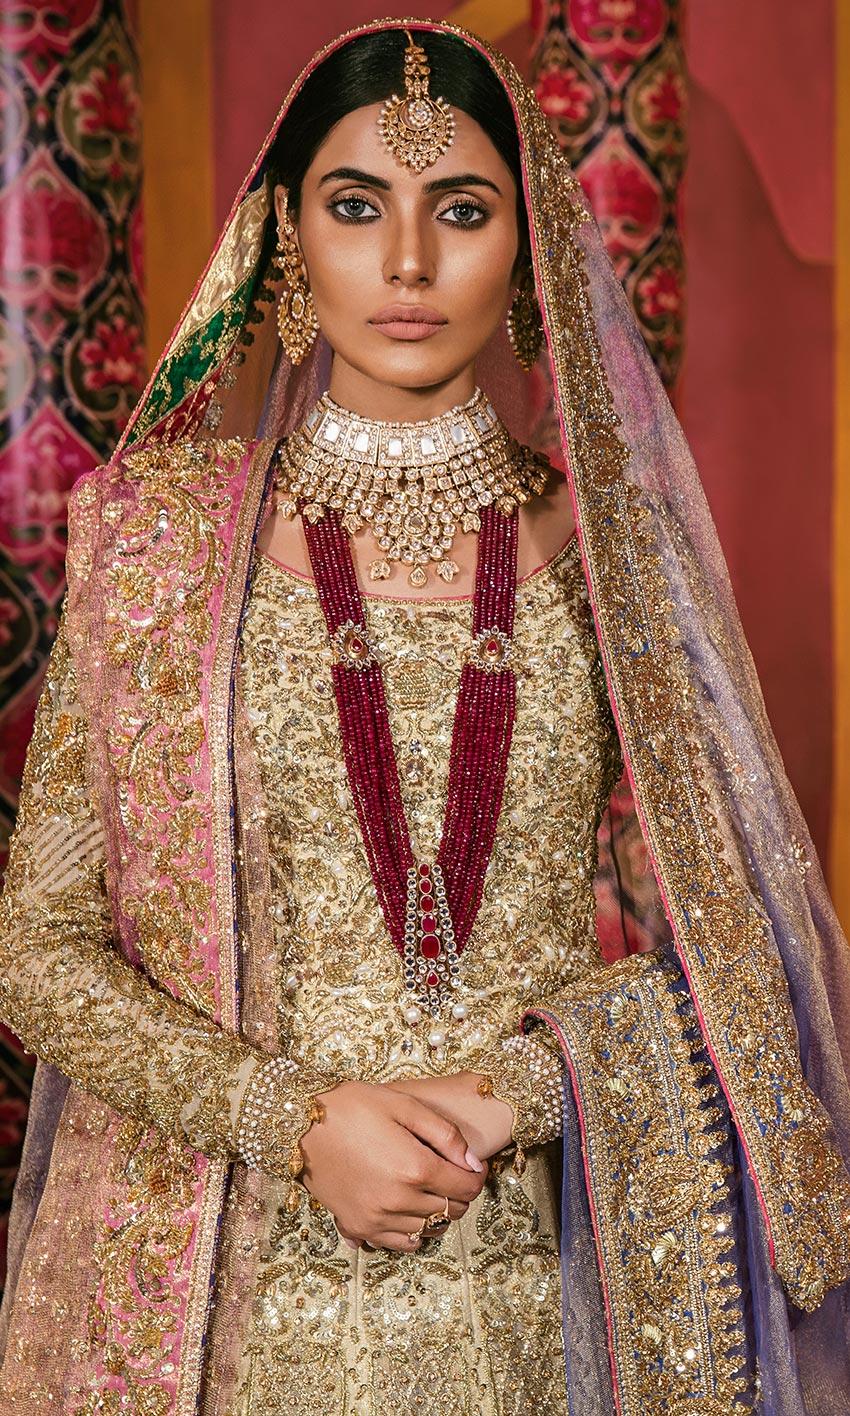 Nomi Ansari Golden Color Lehnda Bridal dress front side 2021